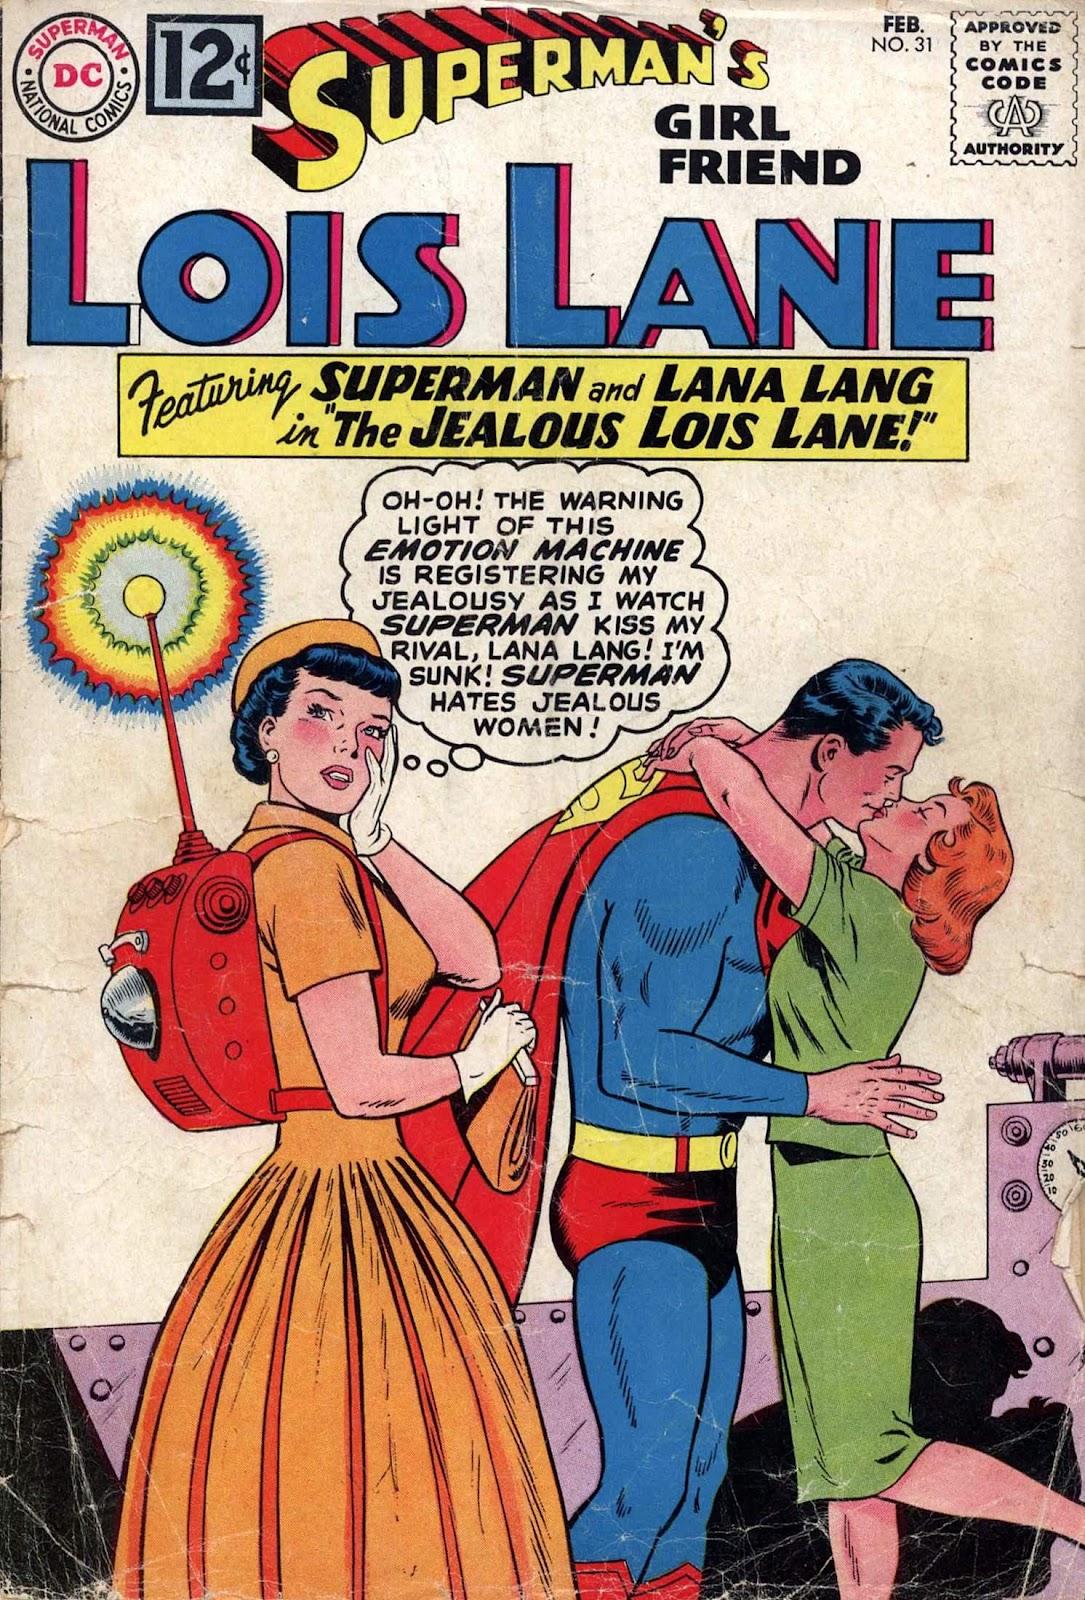 Supermans Girl Friend, Lois Lane 31 Page 1